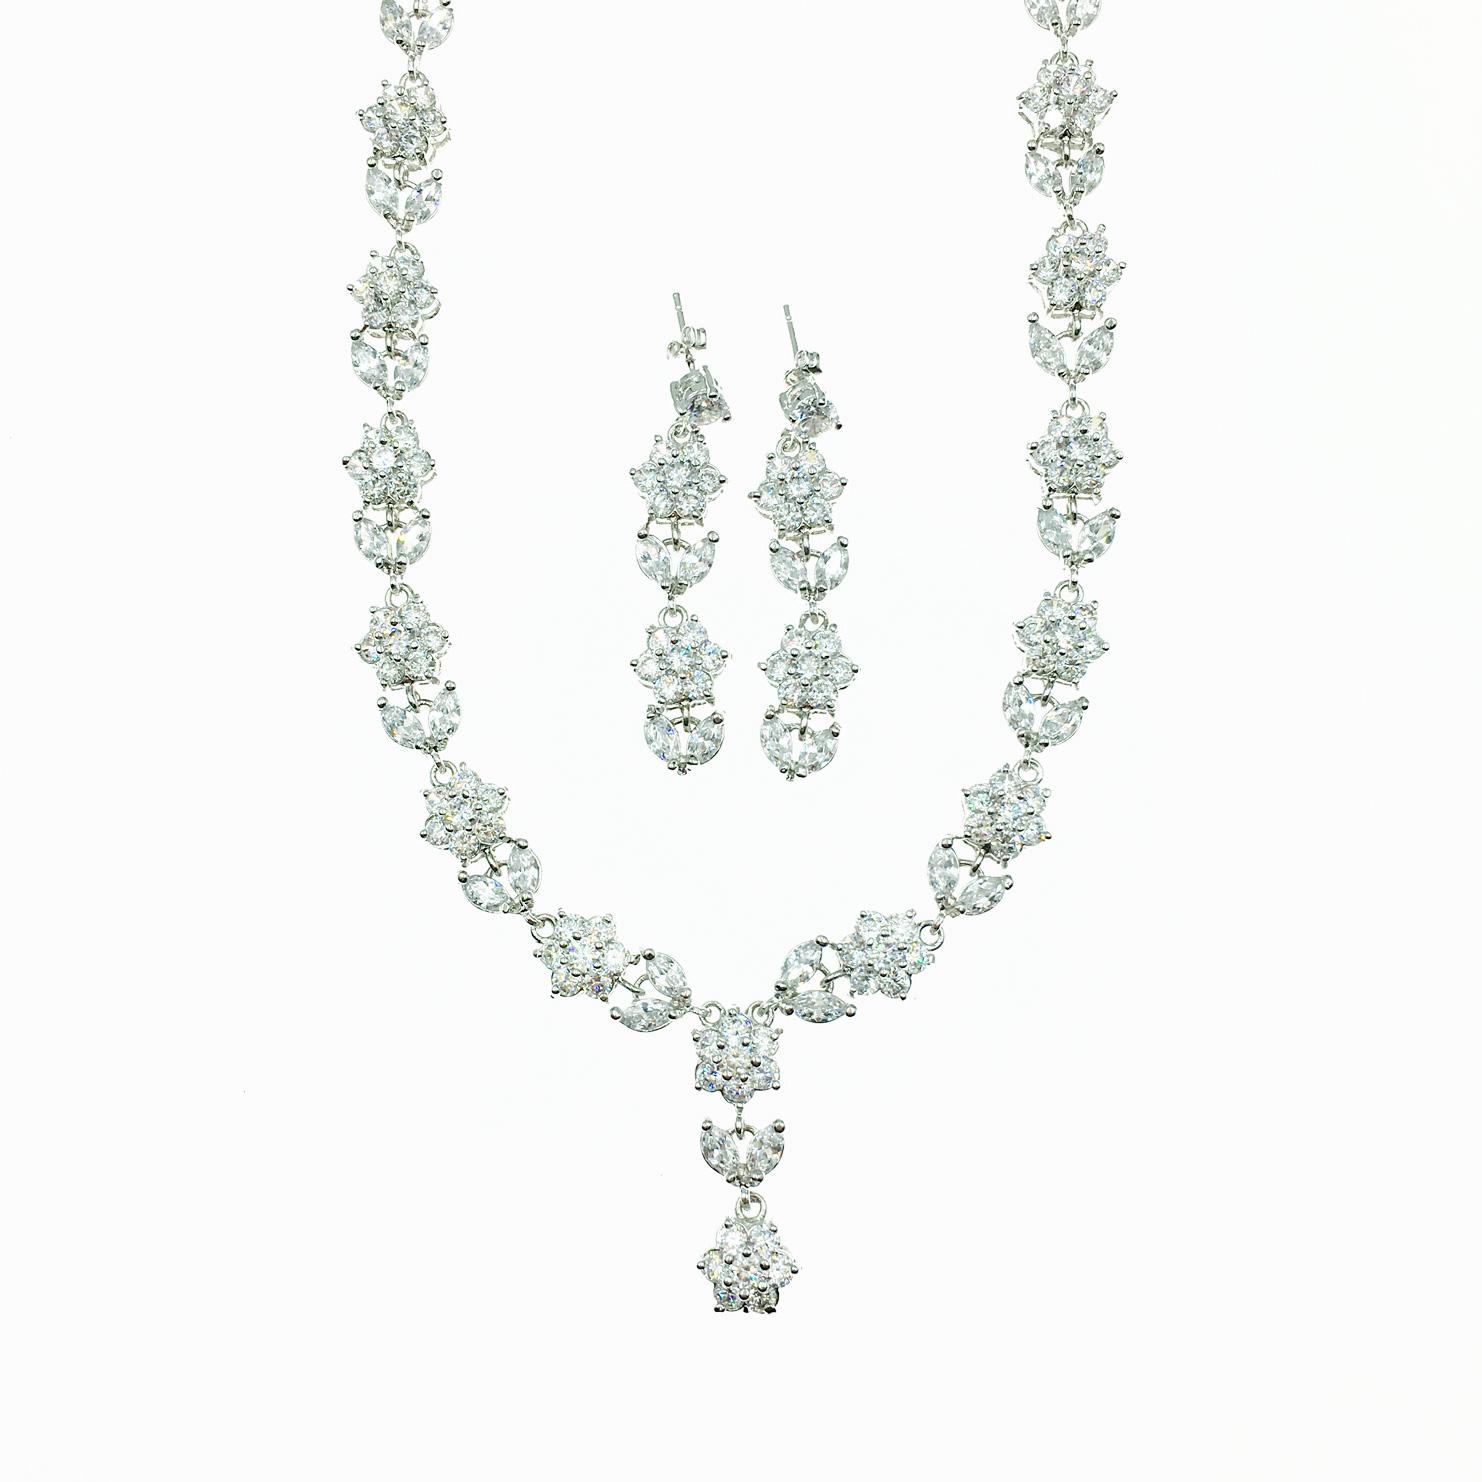 水鑽花 垂墜 新娘飾品 耳環項鍊套組 採用施華洛世奇水晶元素 Crystals from Swarovski